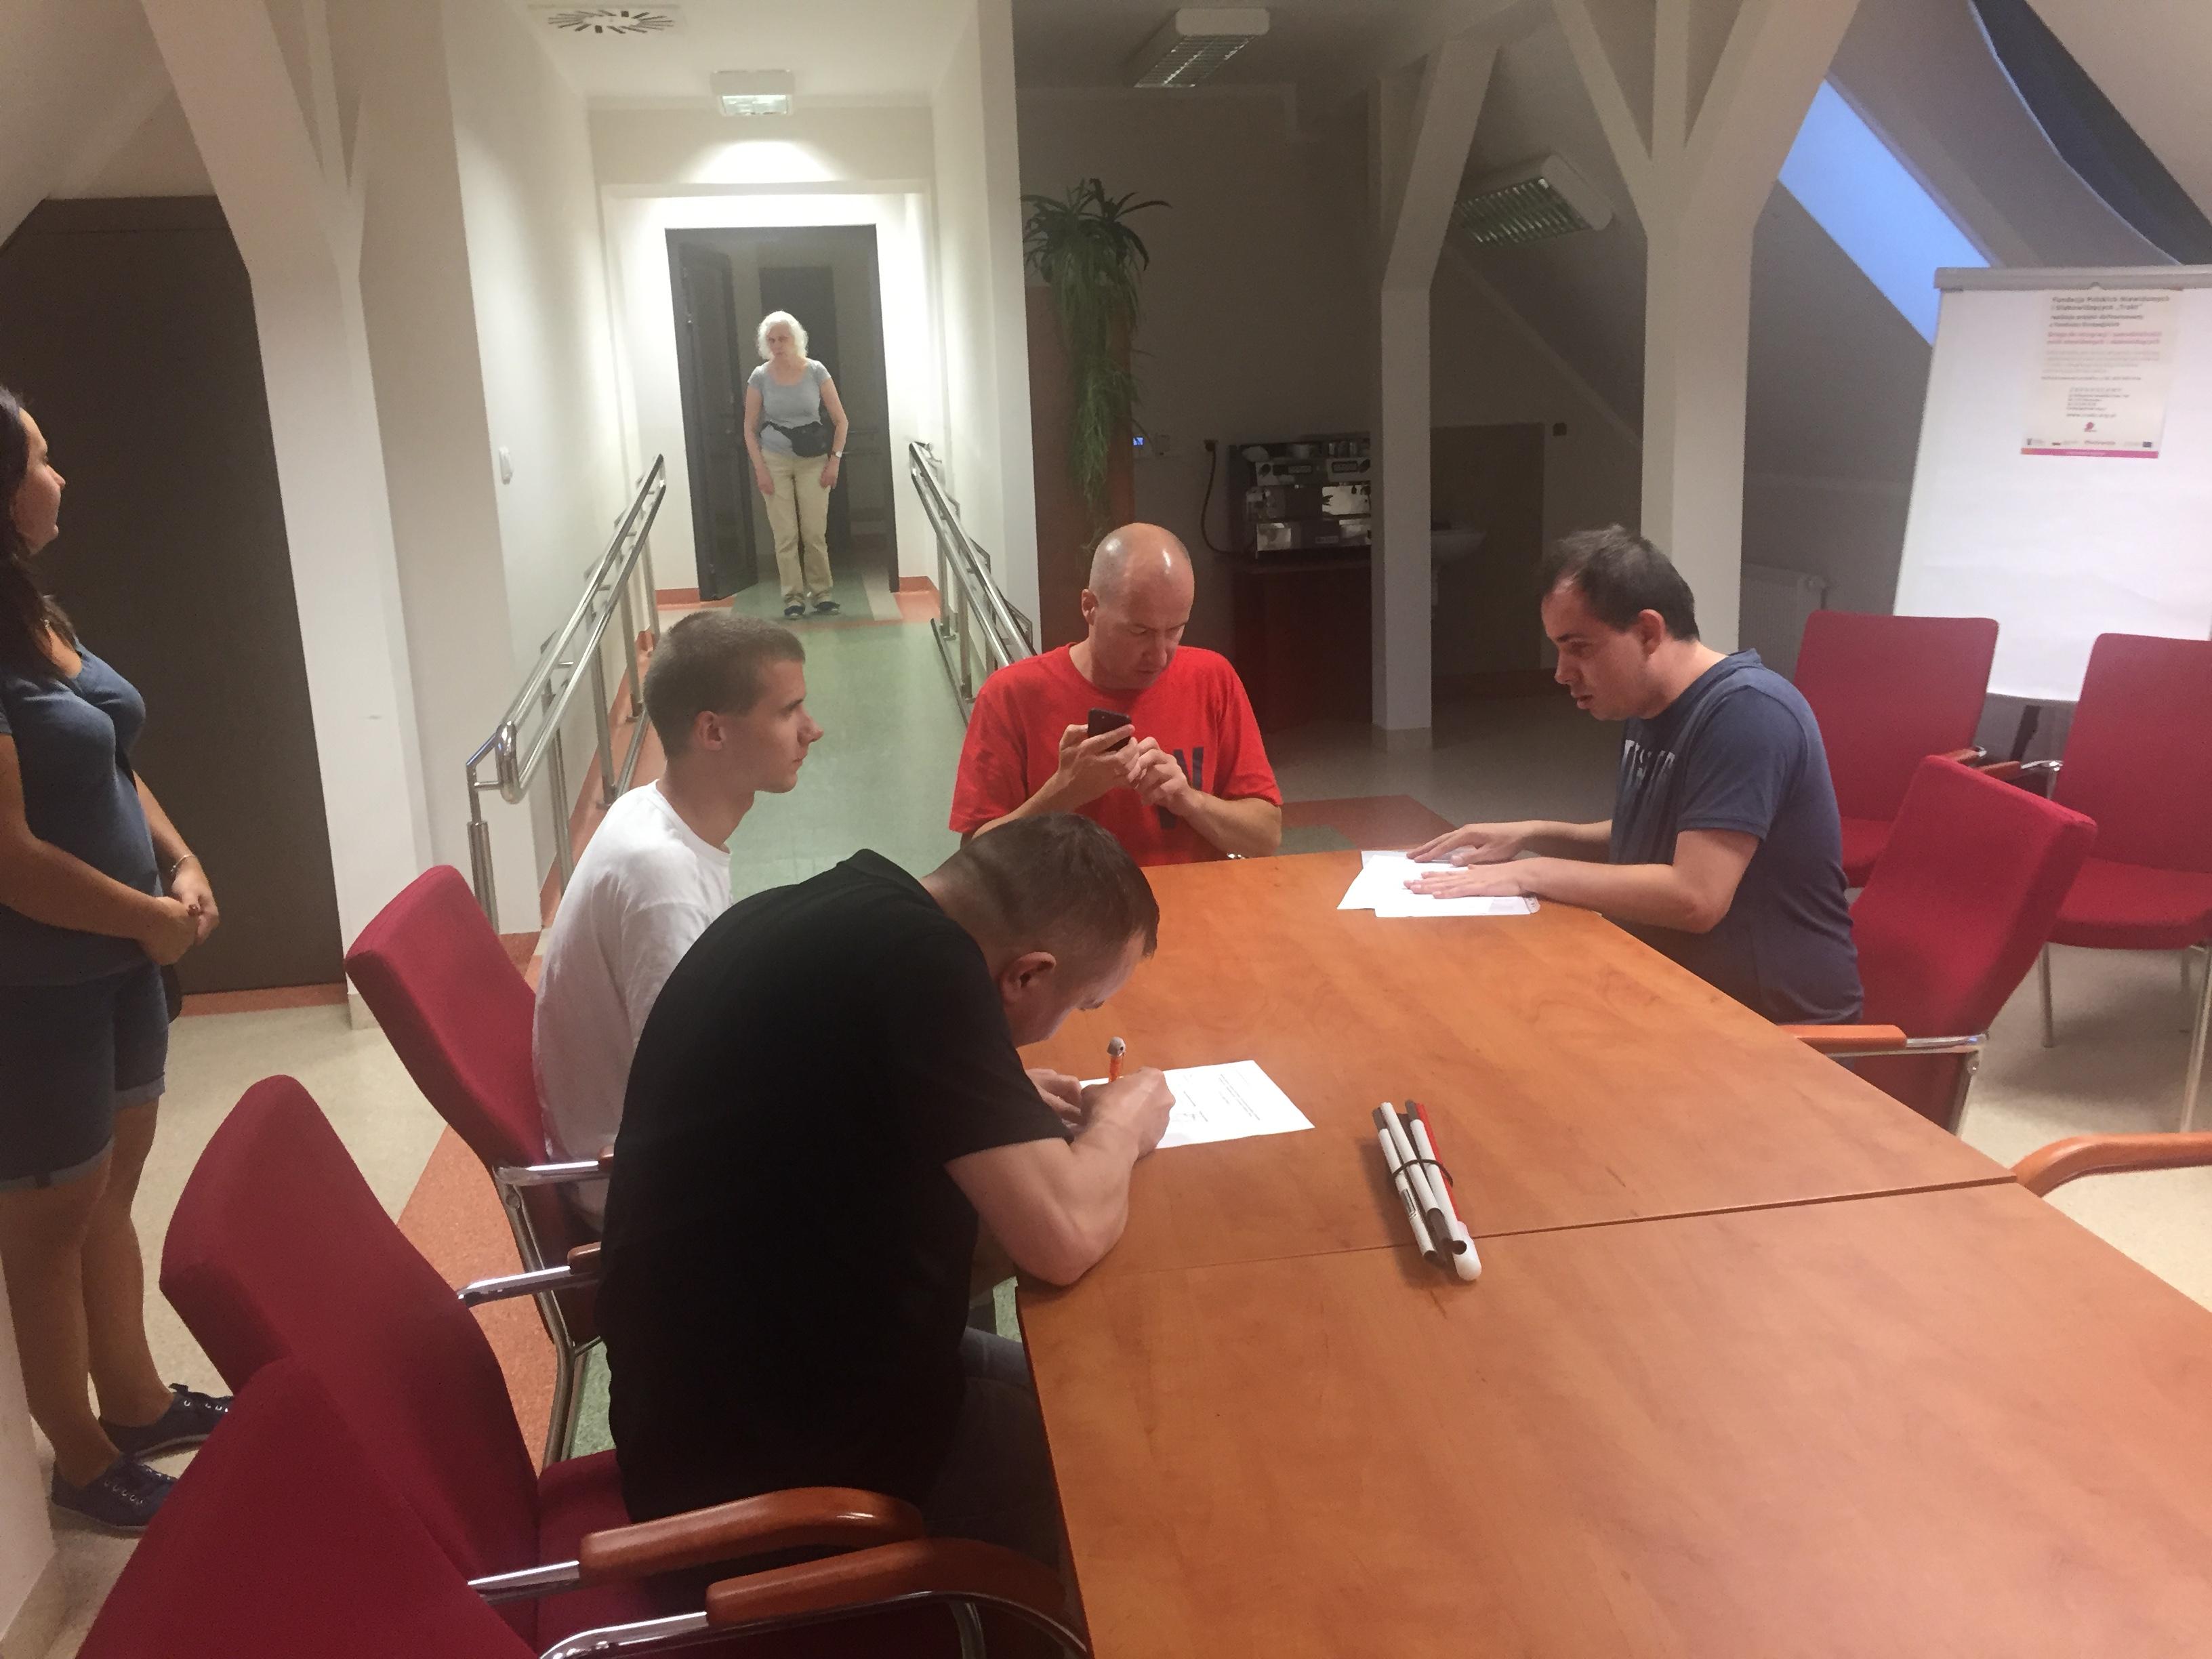 Męska reprezentacja grupy podczas szkolenia grupowego z IPhonów